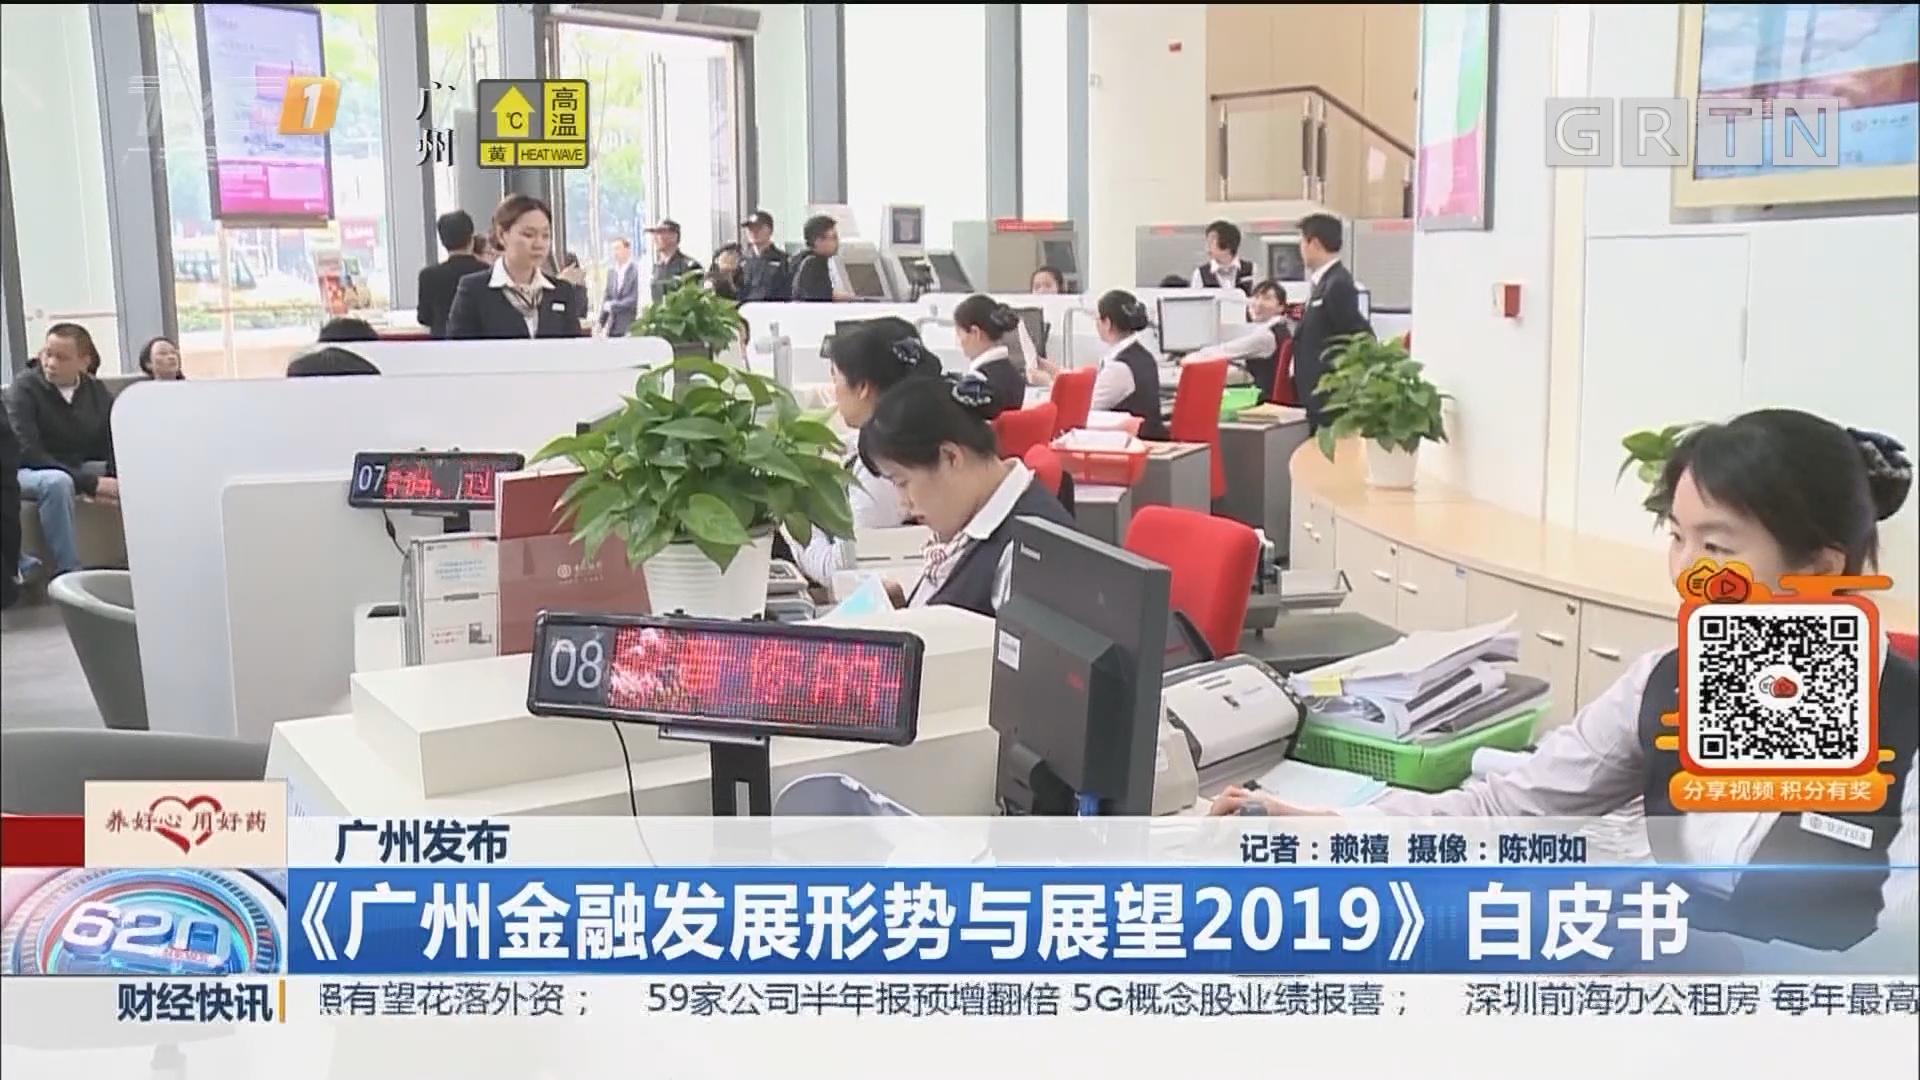 广州发布《广州金融发展形势与展望2019》白皮书